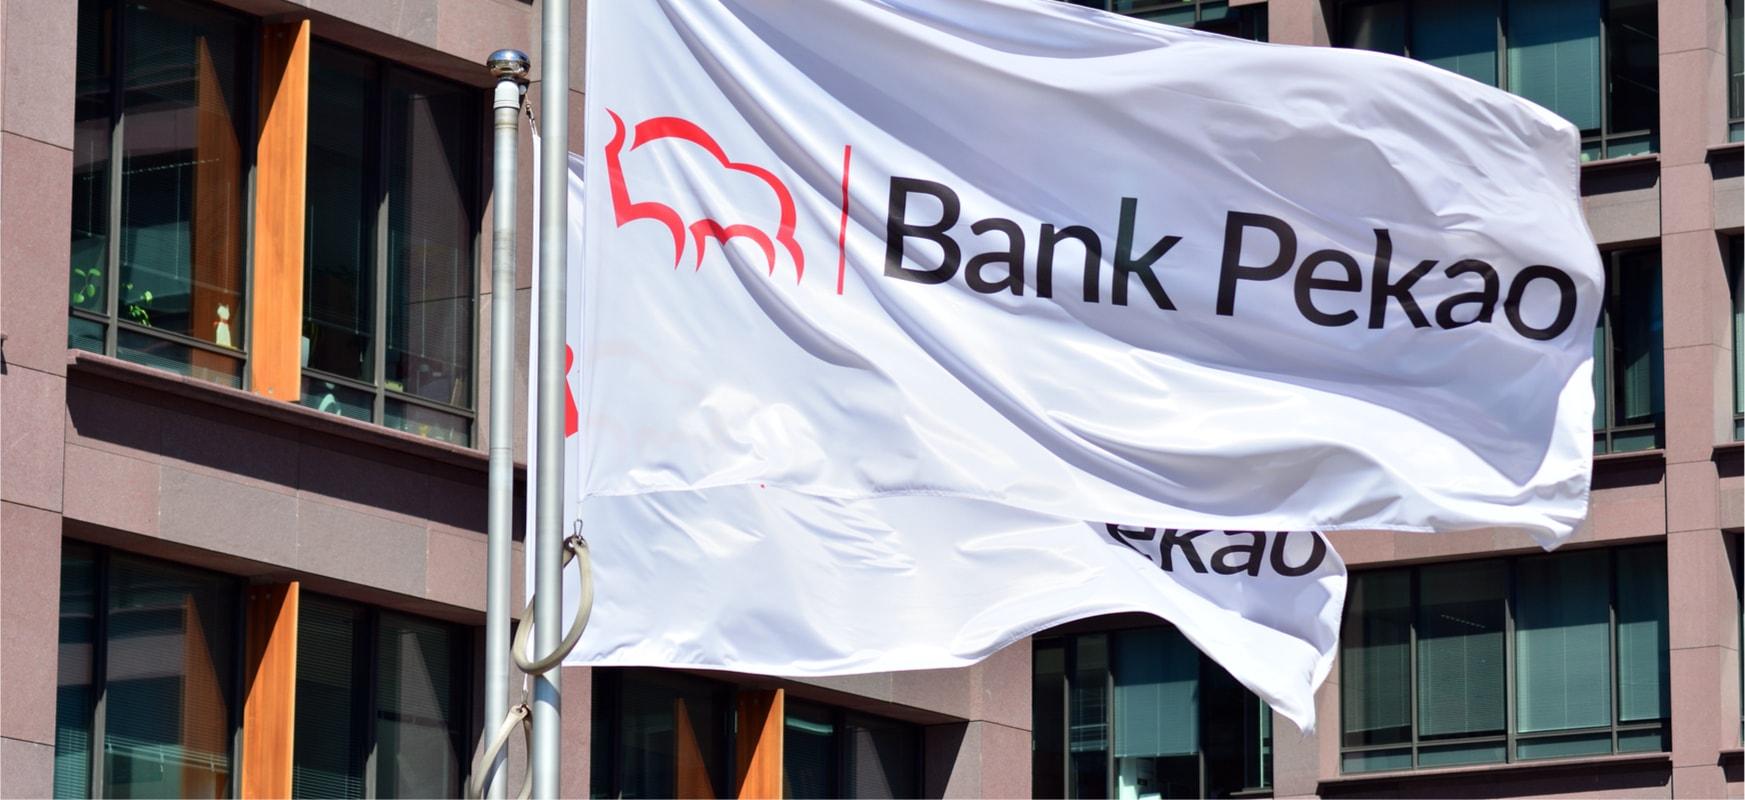 Bank Pekao-k haurrentzako aplikazio mugikorra sartu du.  Ongi etorri PeoPay KIDS